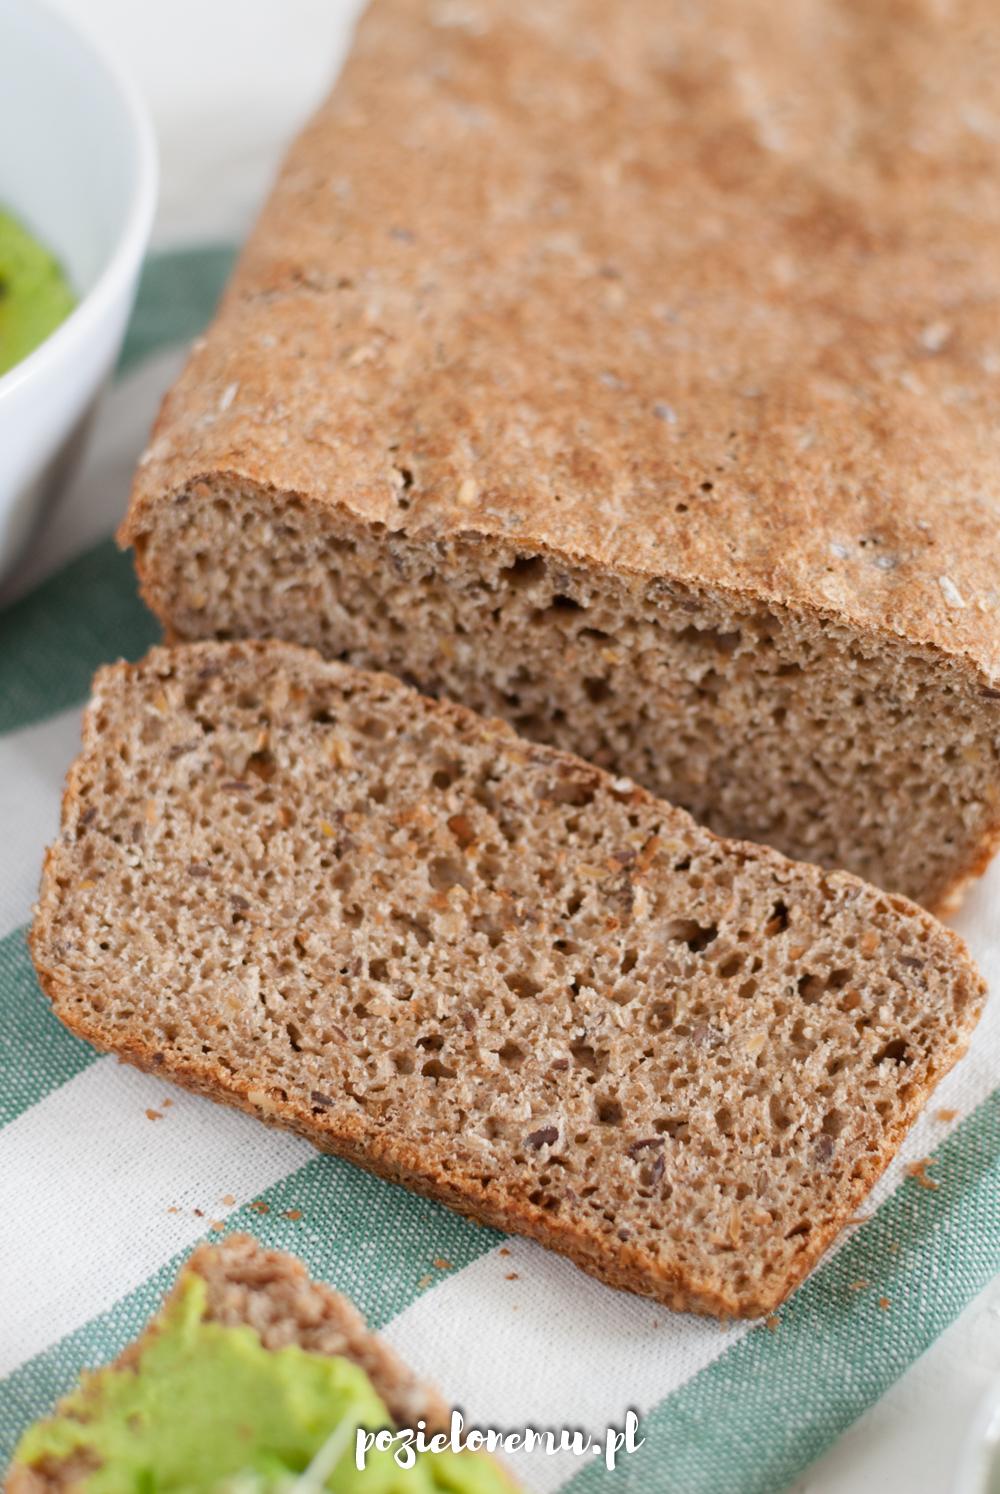 Chleb pełnoziarnisty - ekspresowy przepis